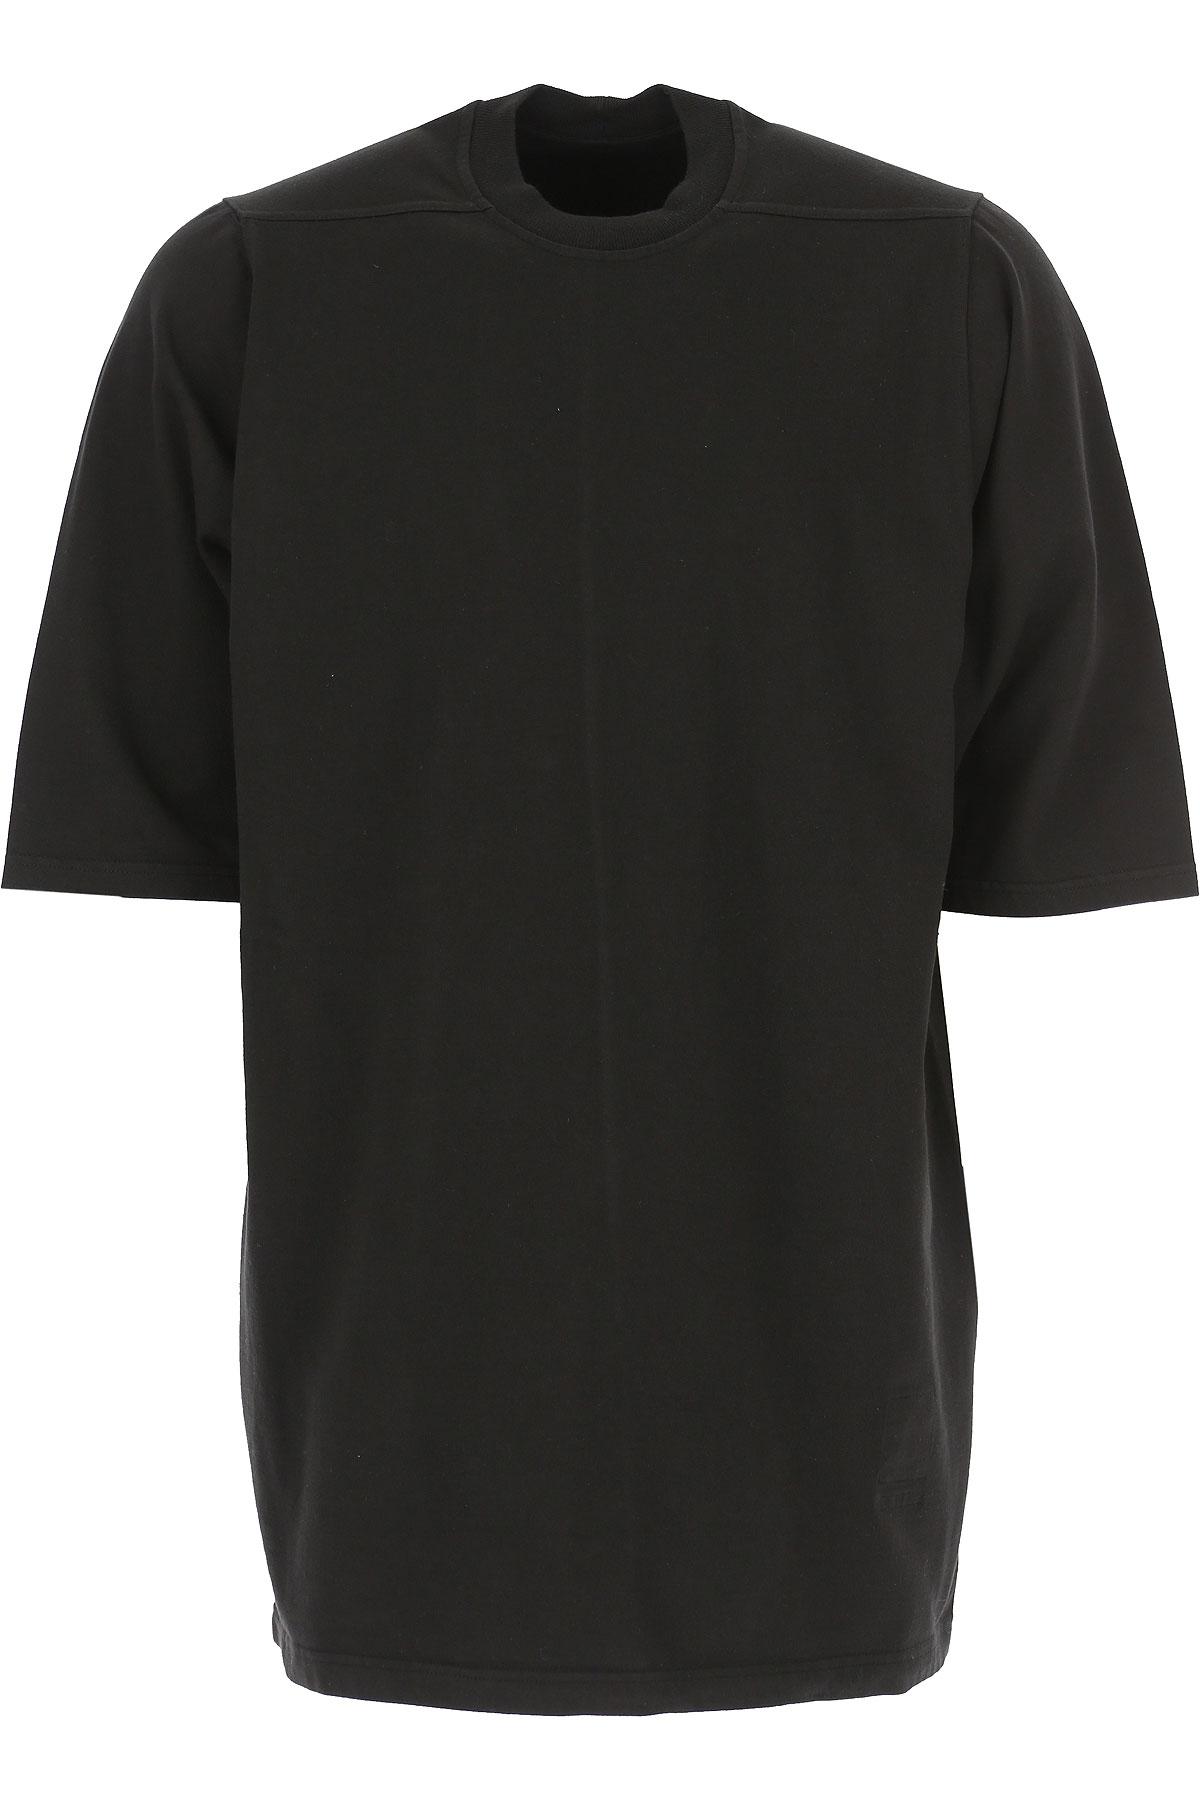 Rick Owens DRKSHDW T-Shirt for Men On Sale, Black, Cotton, 2019, L M S XS